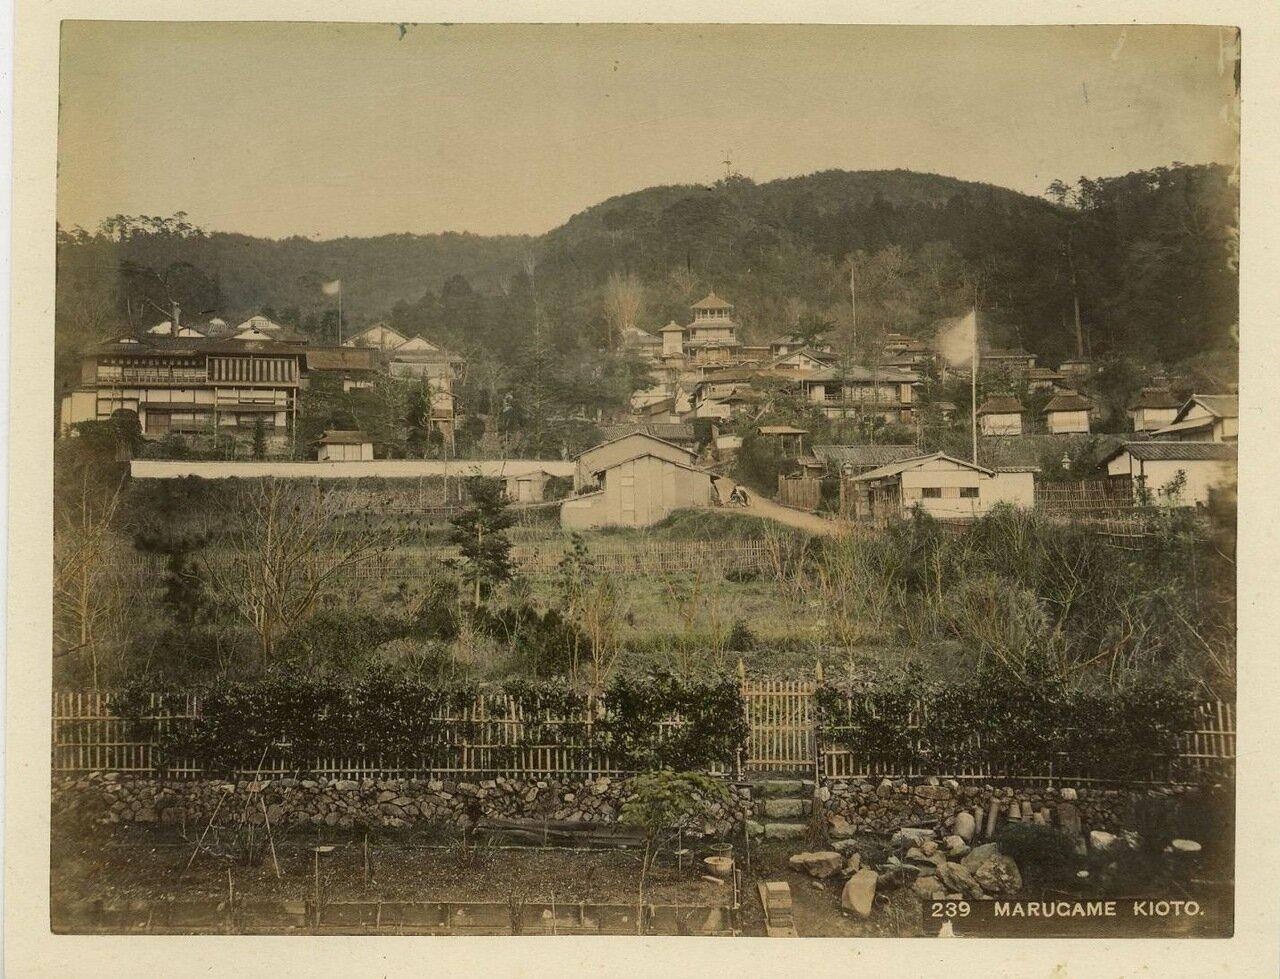 Киото. Маругаме